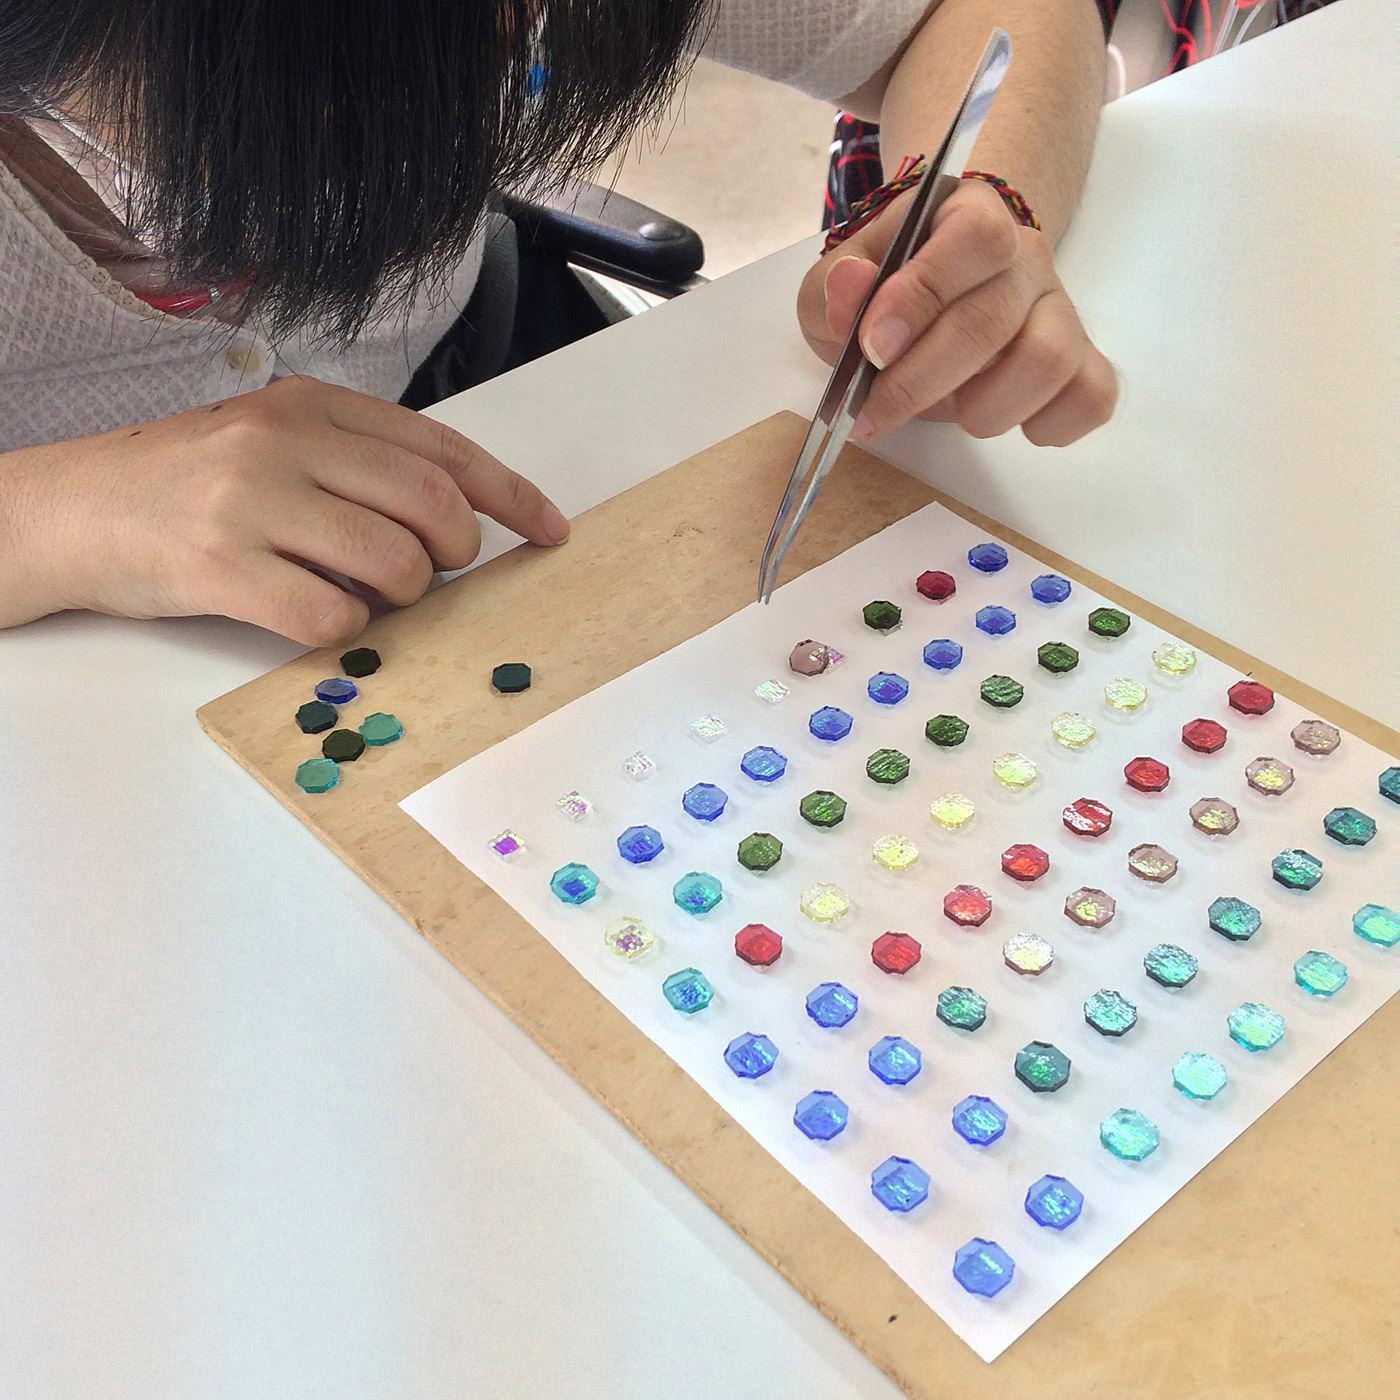 虹色のダイクロガラスの上に、色板ガラスをひとつずつ重ね、ピンセットを使ってていねいに並べます。